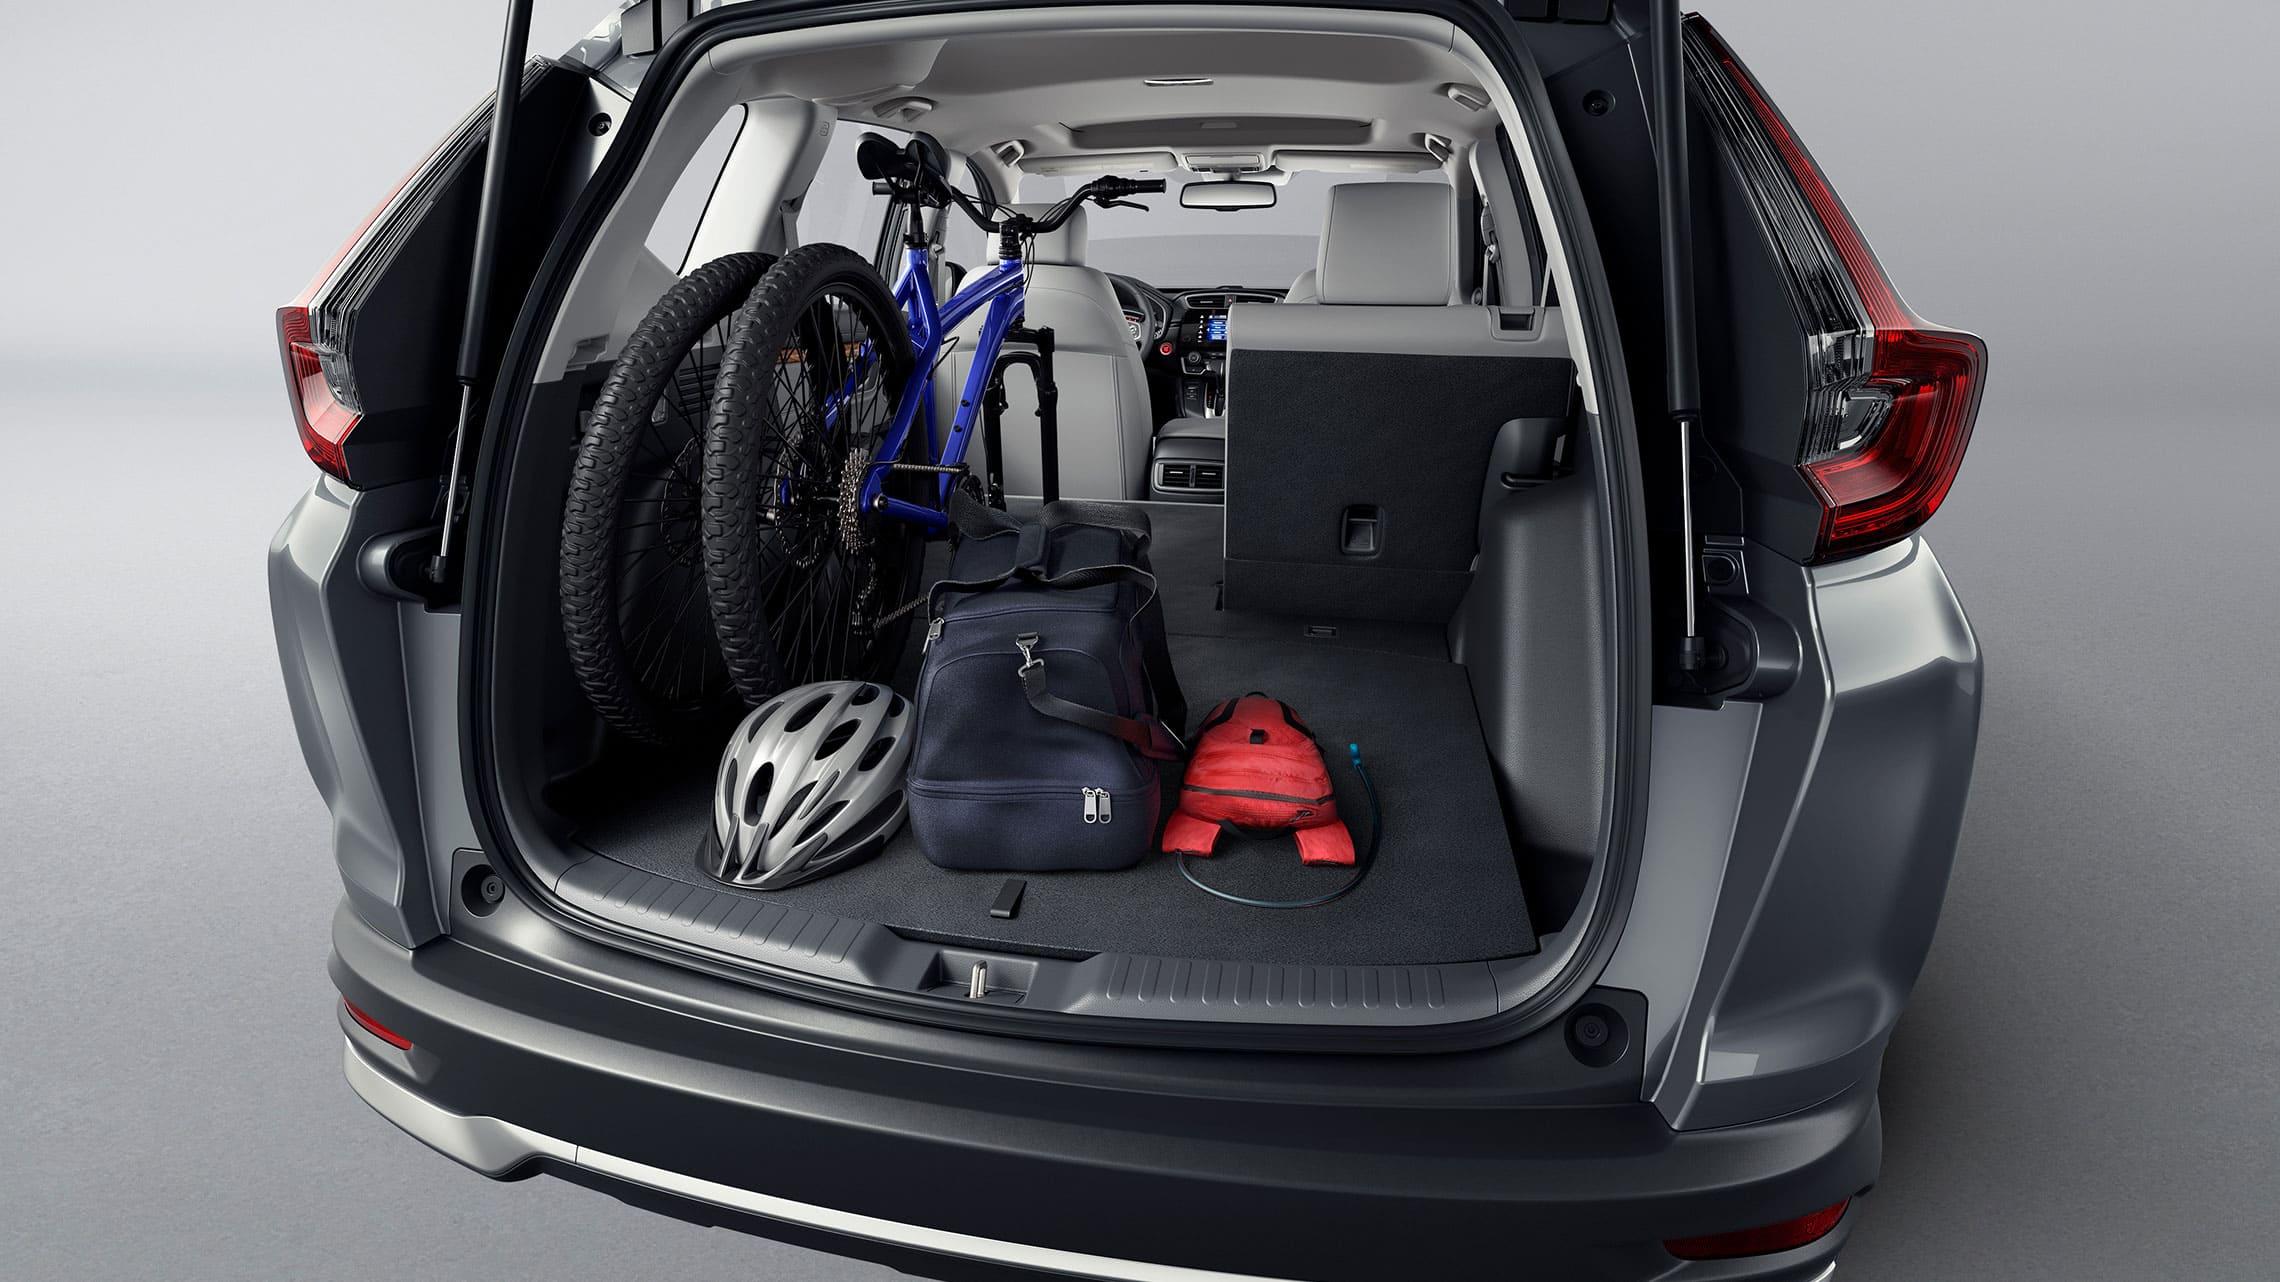 Vista trasera de la Honda CR-V Touring2021 en Modern Steel Metallic mostrando el espacio de carga.